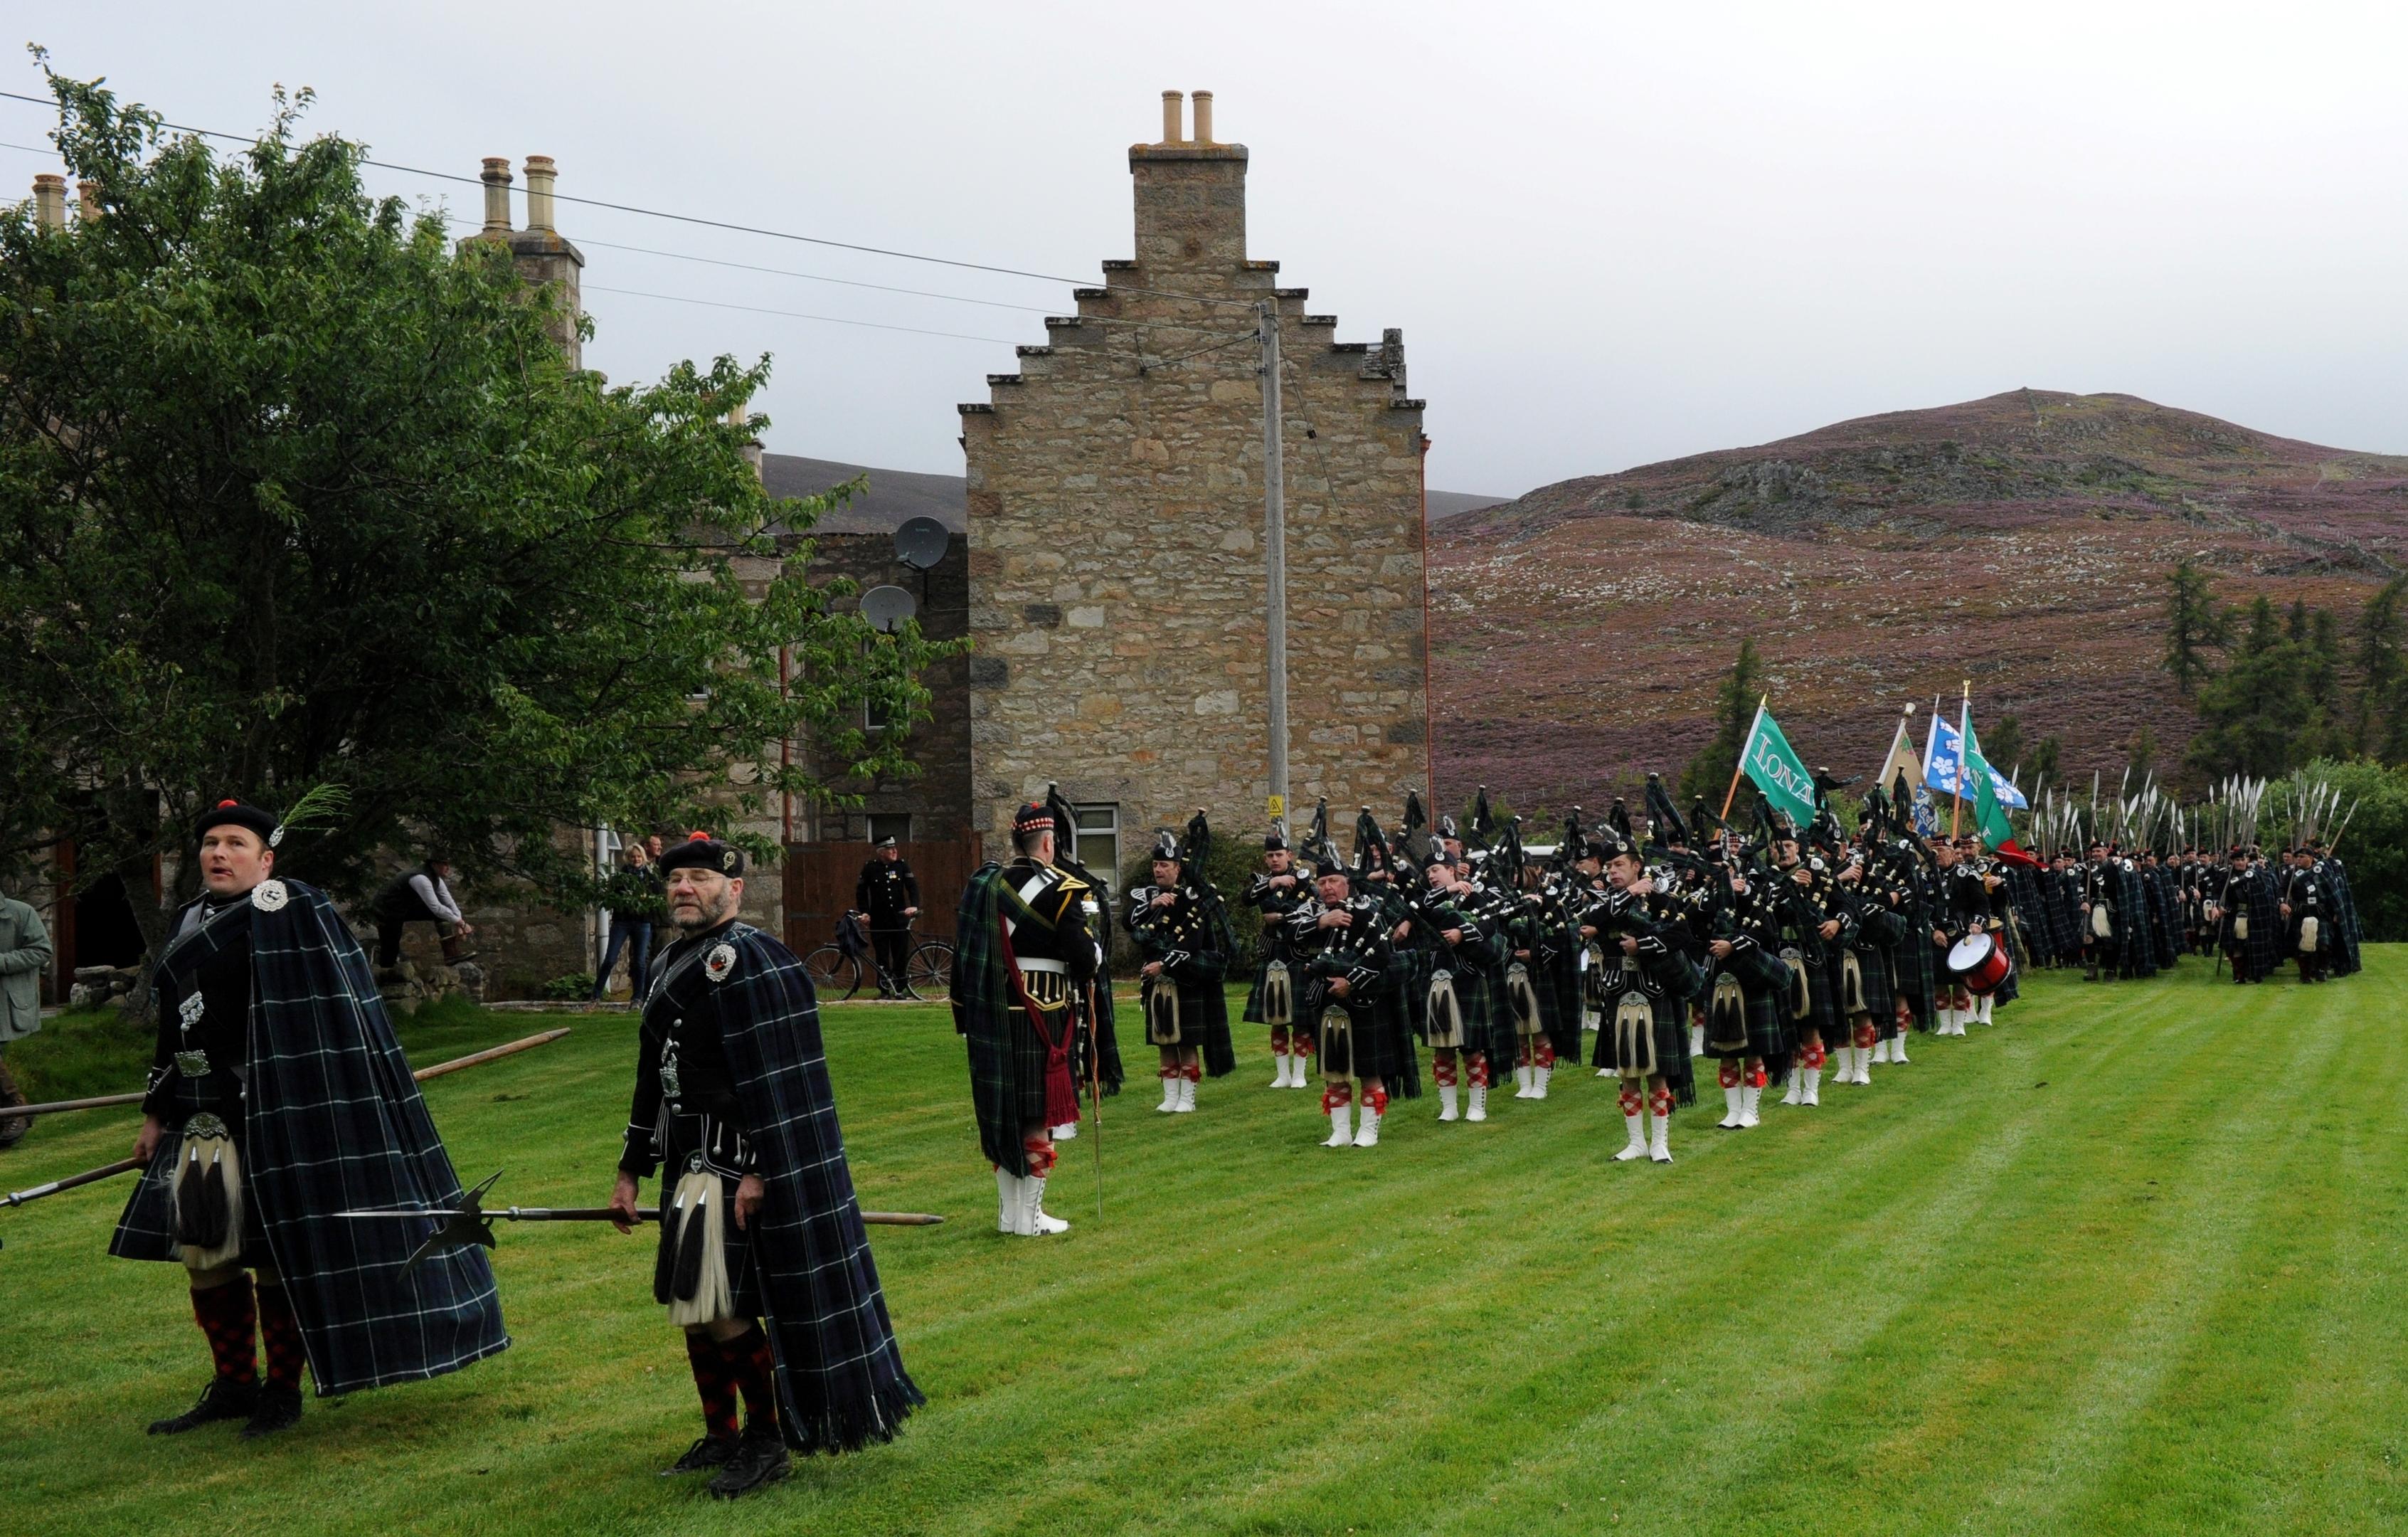 A long walk for the Lonach Highlanders